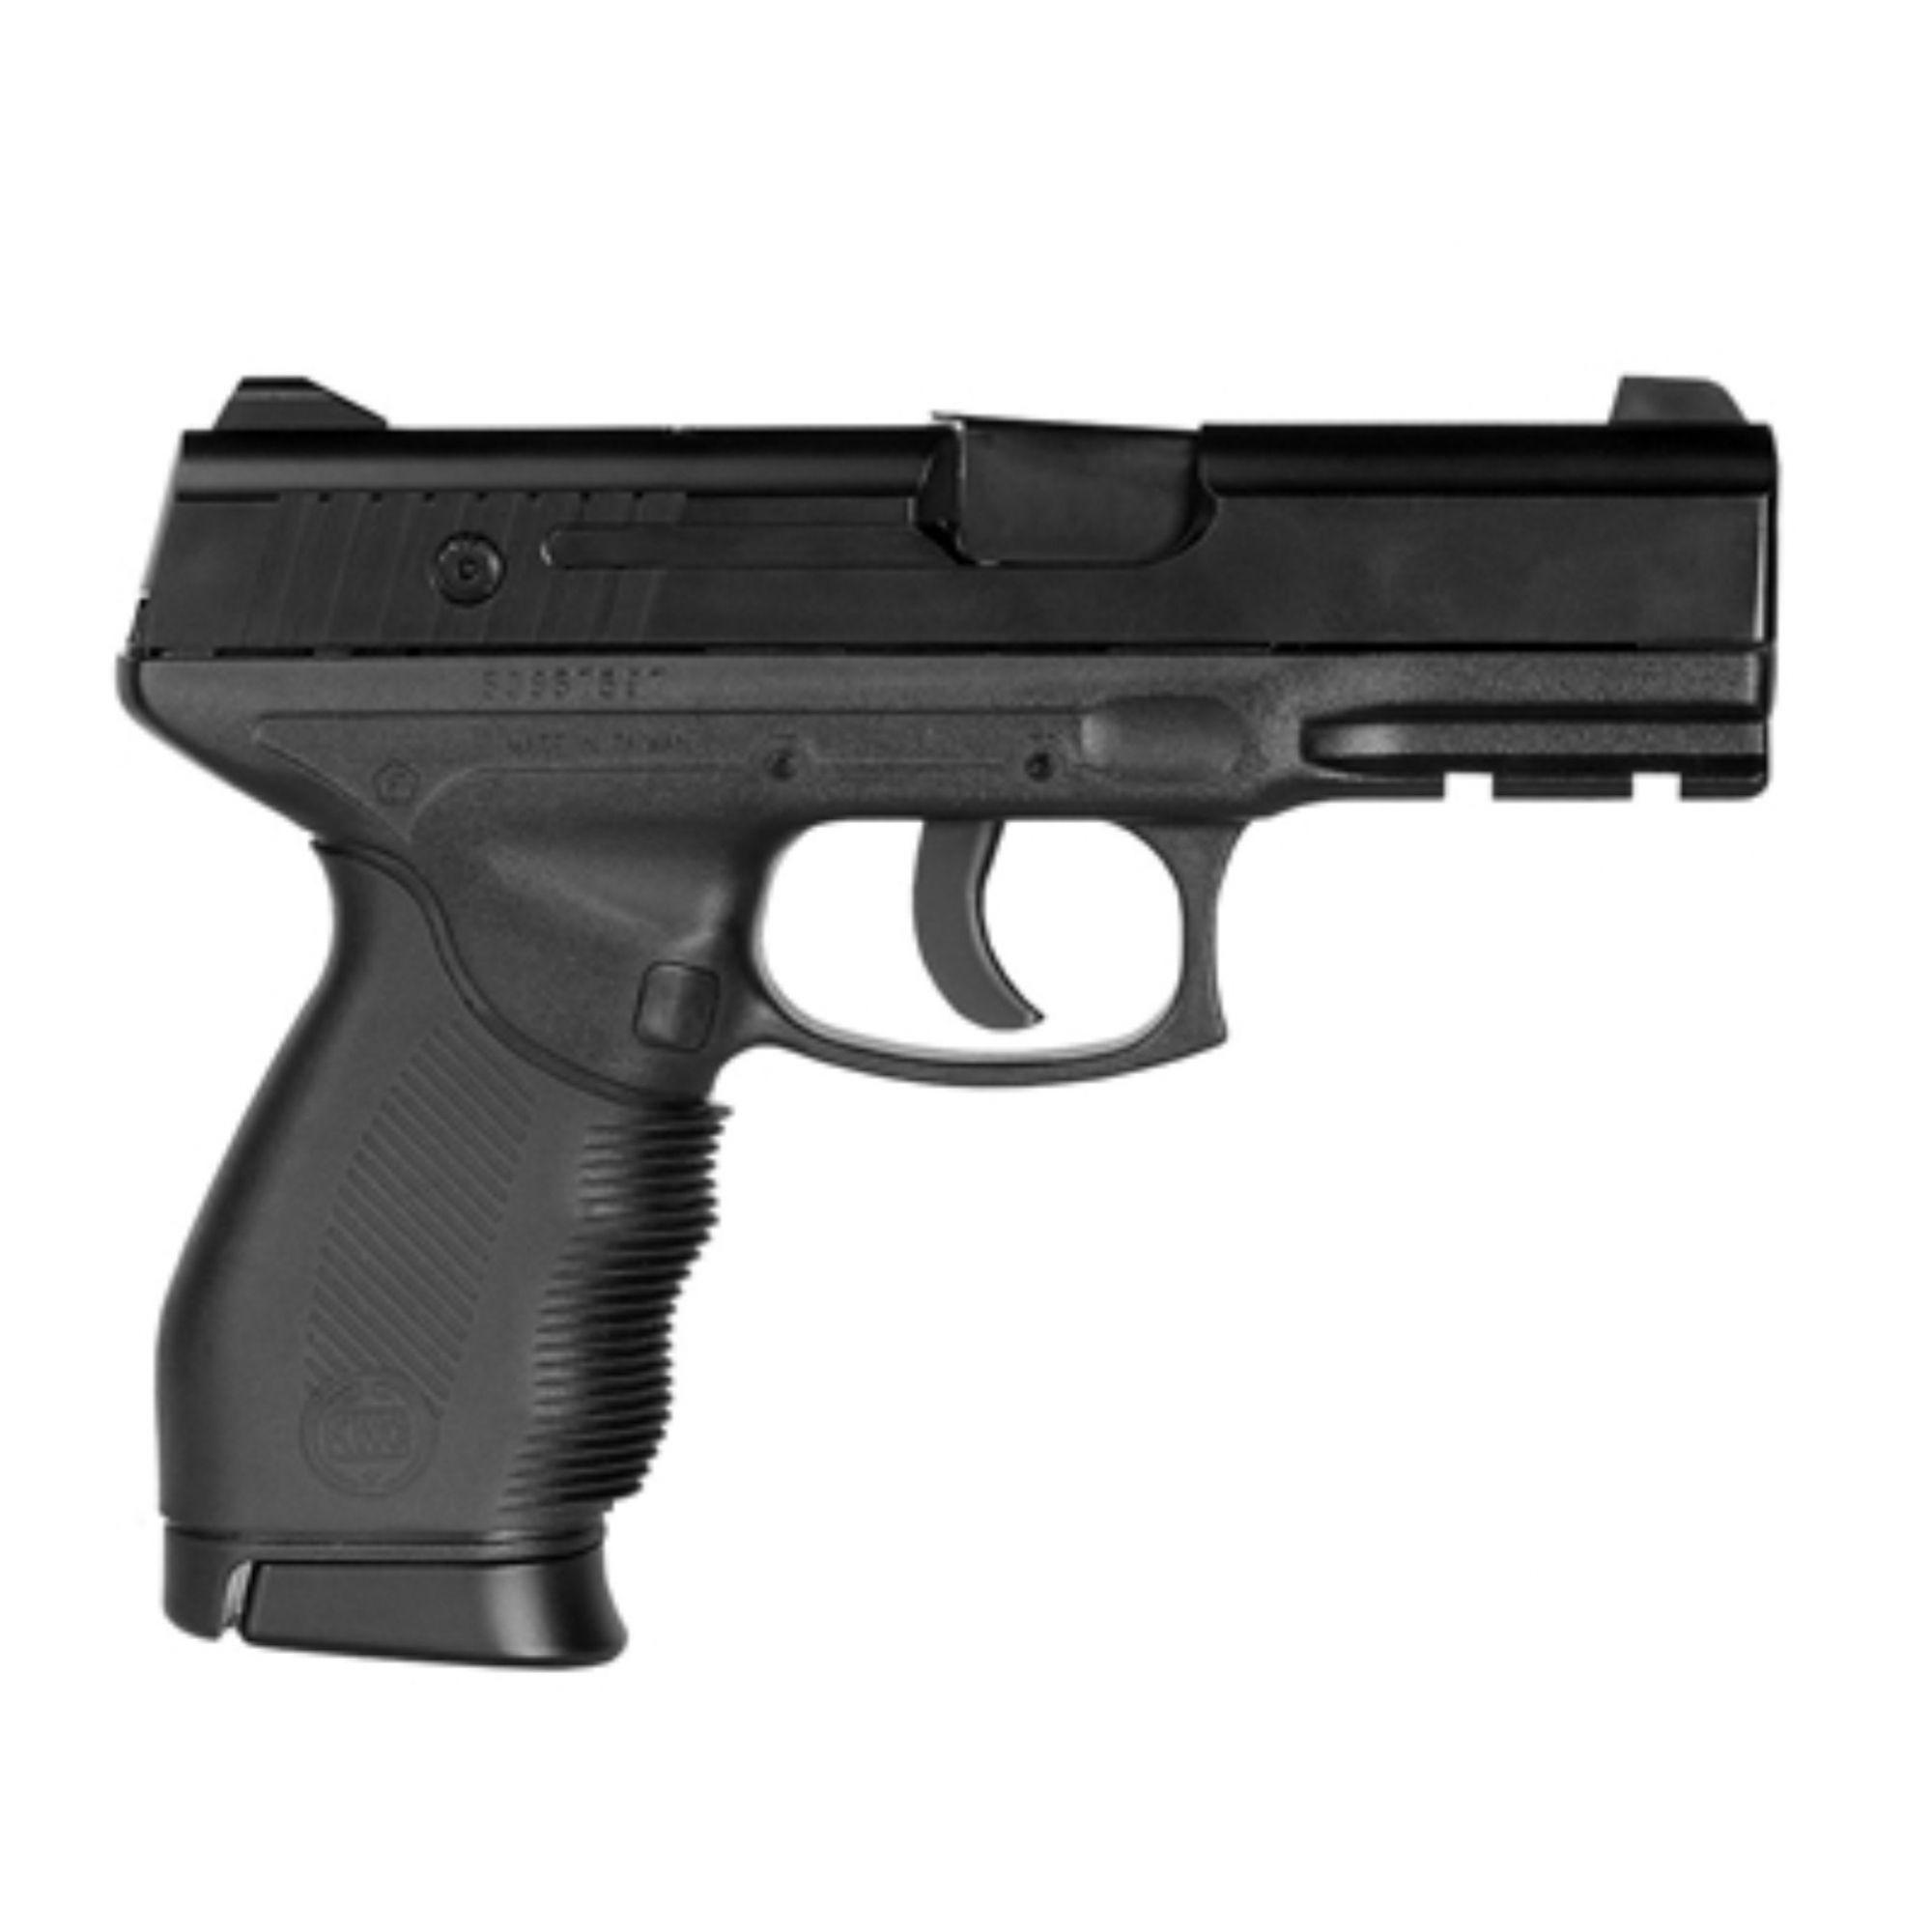 Pistola 24/7 com 5 CO2 600 esferas 4,5mm e maleta rígida